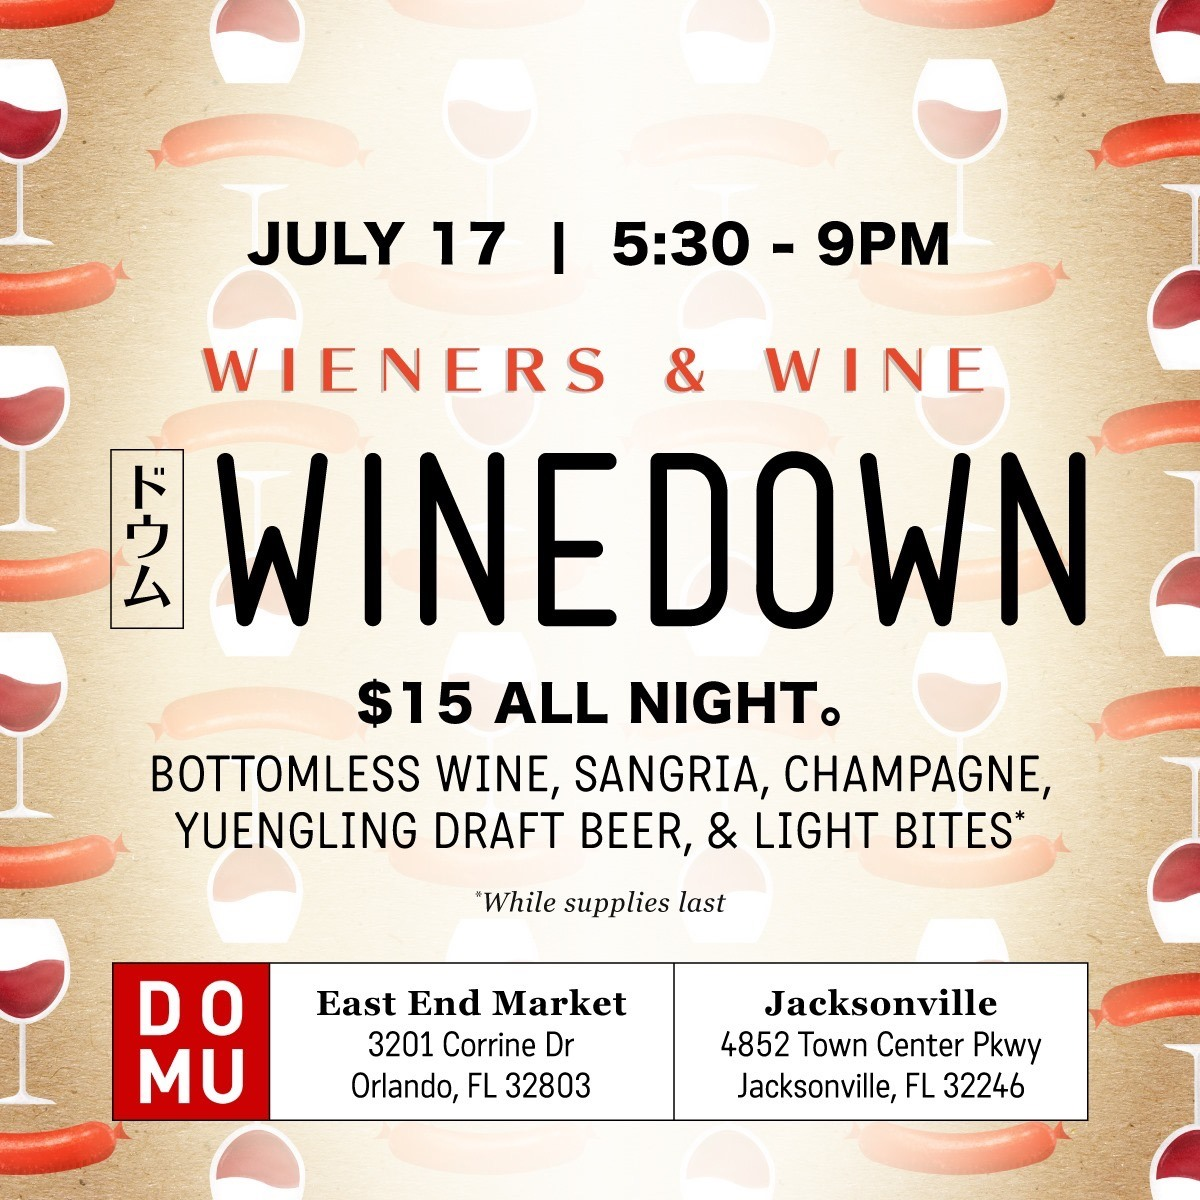 WineDown Domu